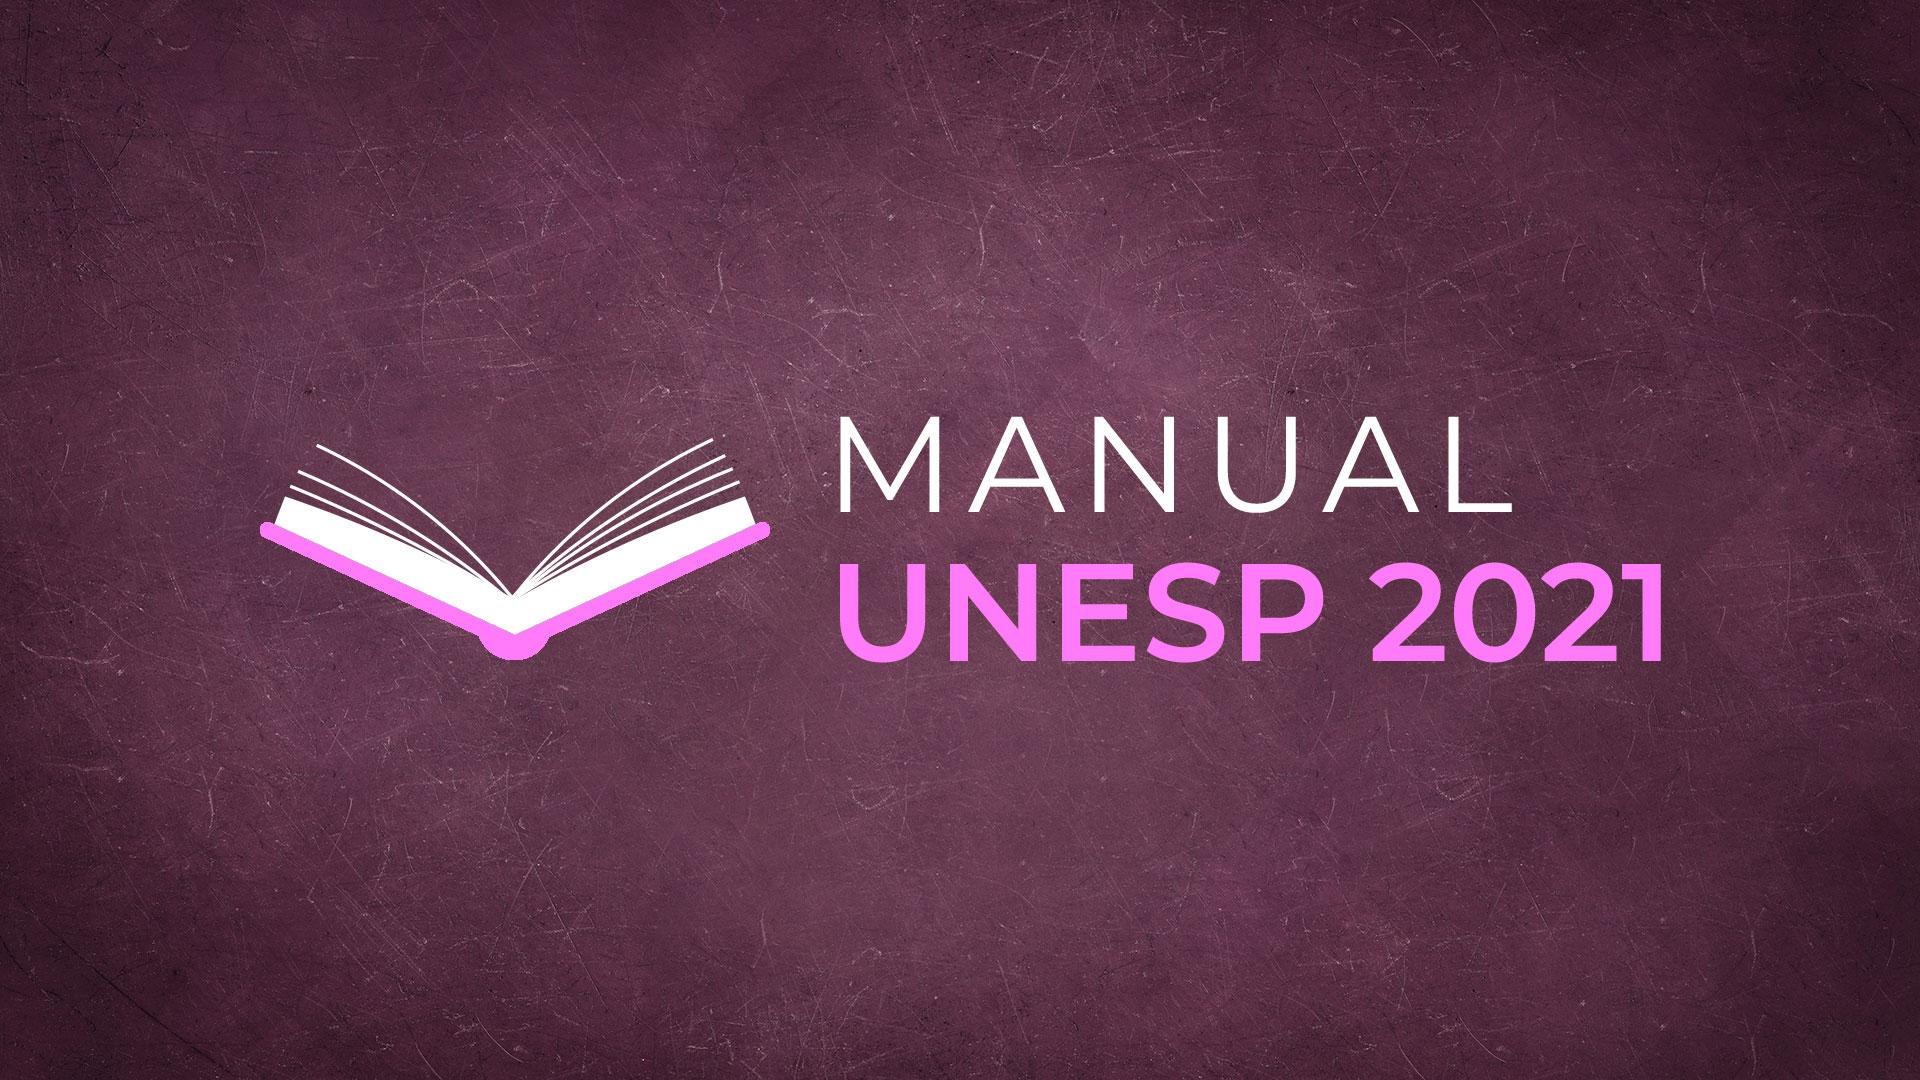 Unesp divulga Manual do Candidato 2021: confira as novidades